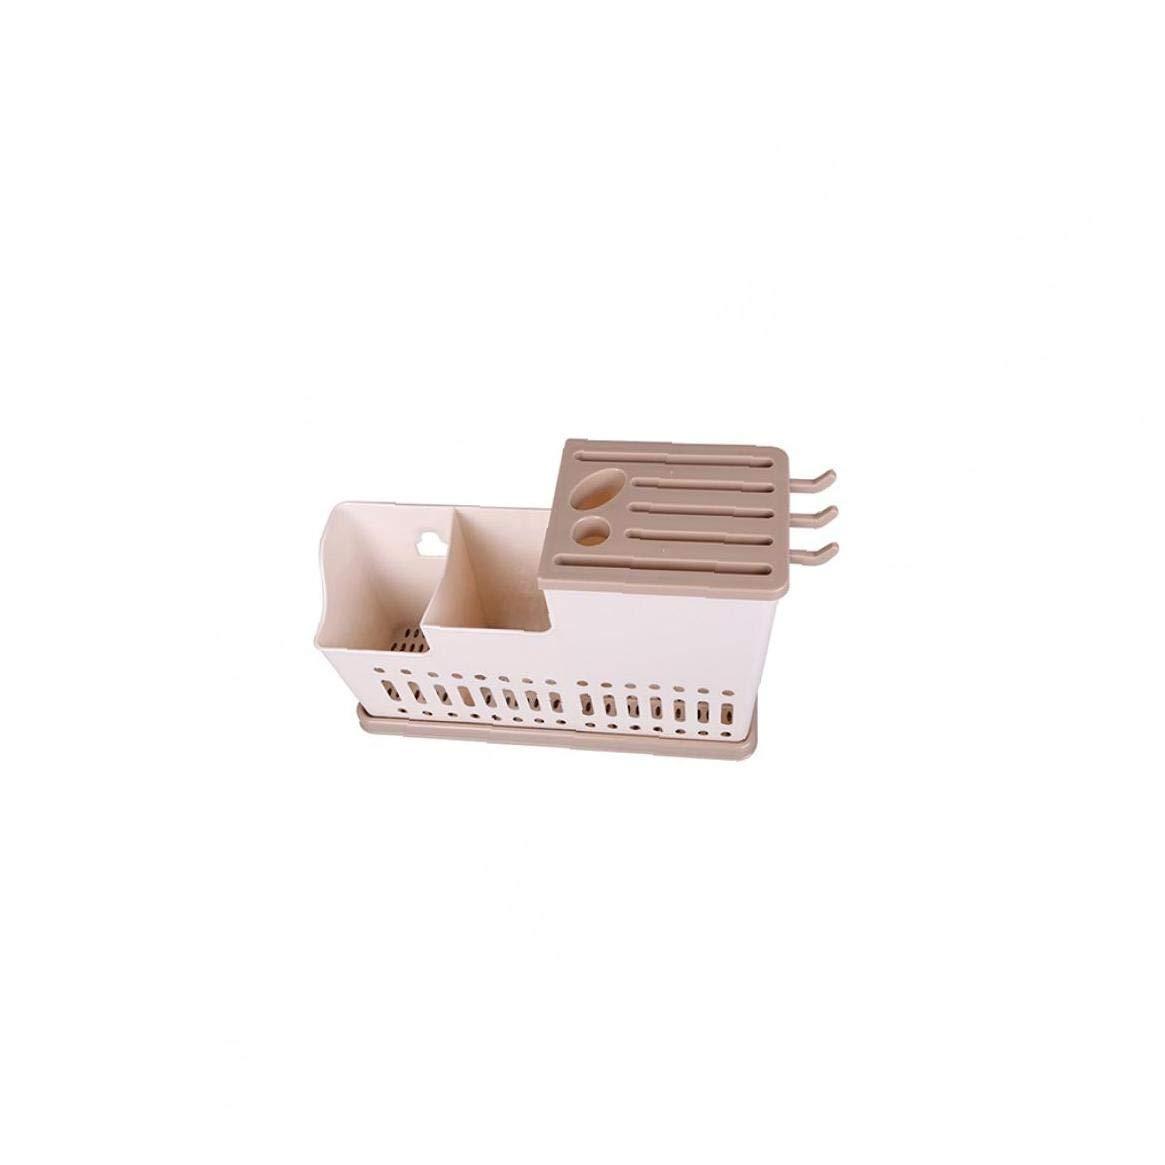 Schnuger Einfache Reinigung K/üche Geschirr Wschetrockner Besteck Ablass Rack-Messer-Halter Essst/äbchenhalter Brown Geschwindigkeit Stacks